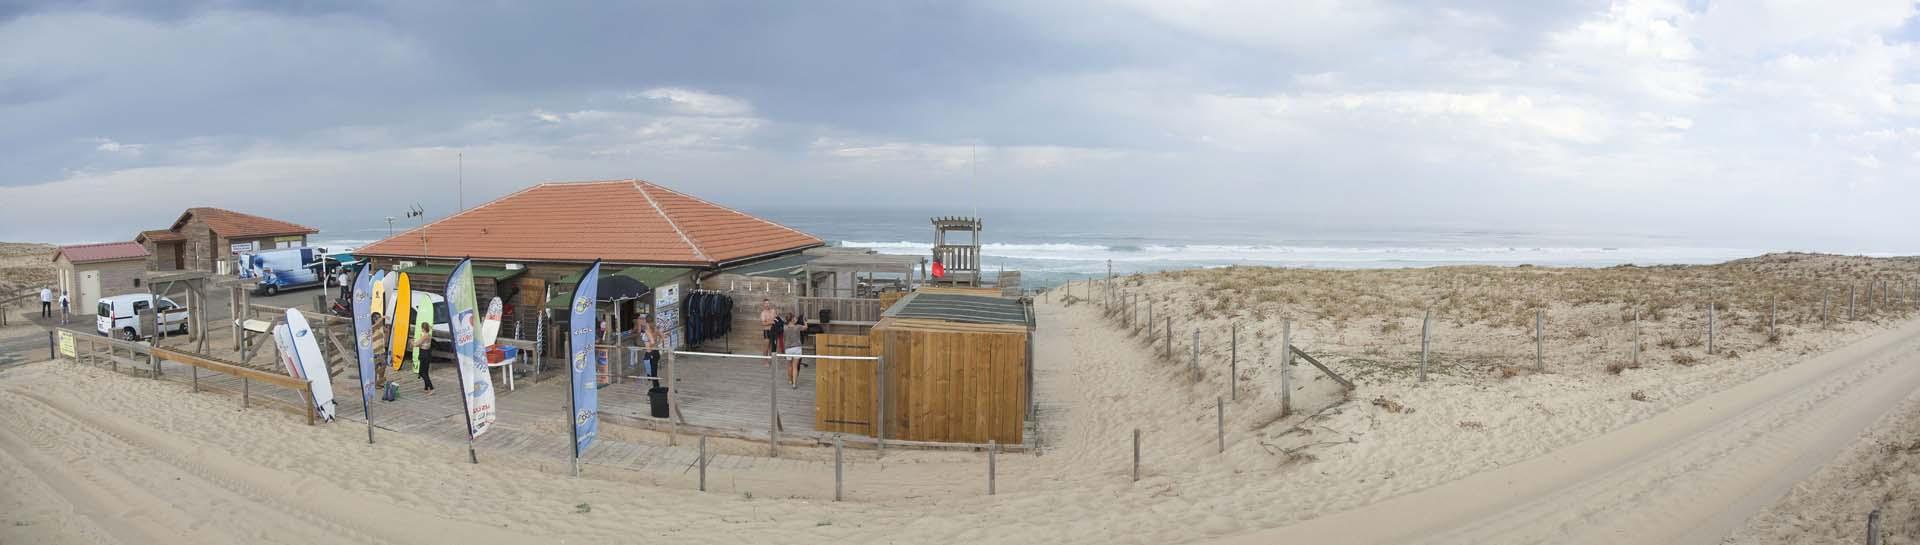 Ecole de surf La Dune - Messanges